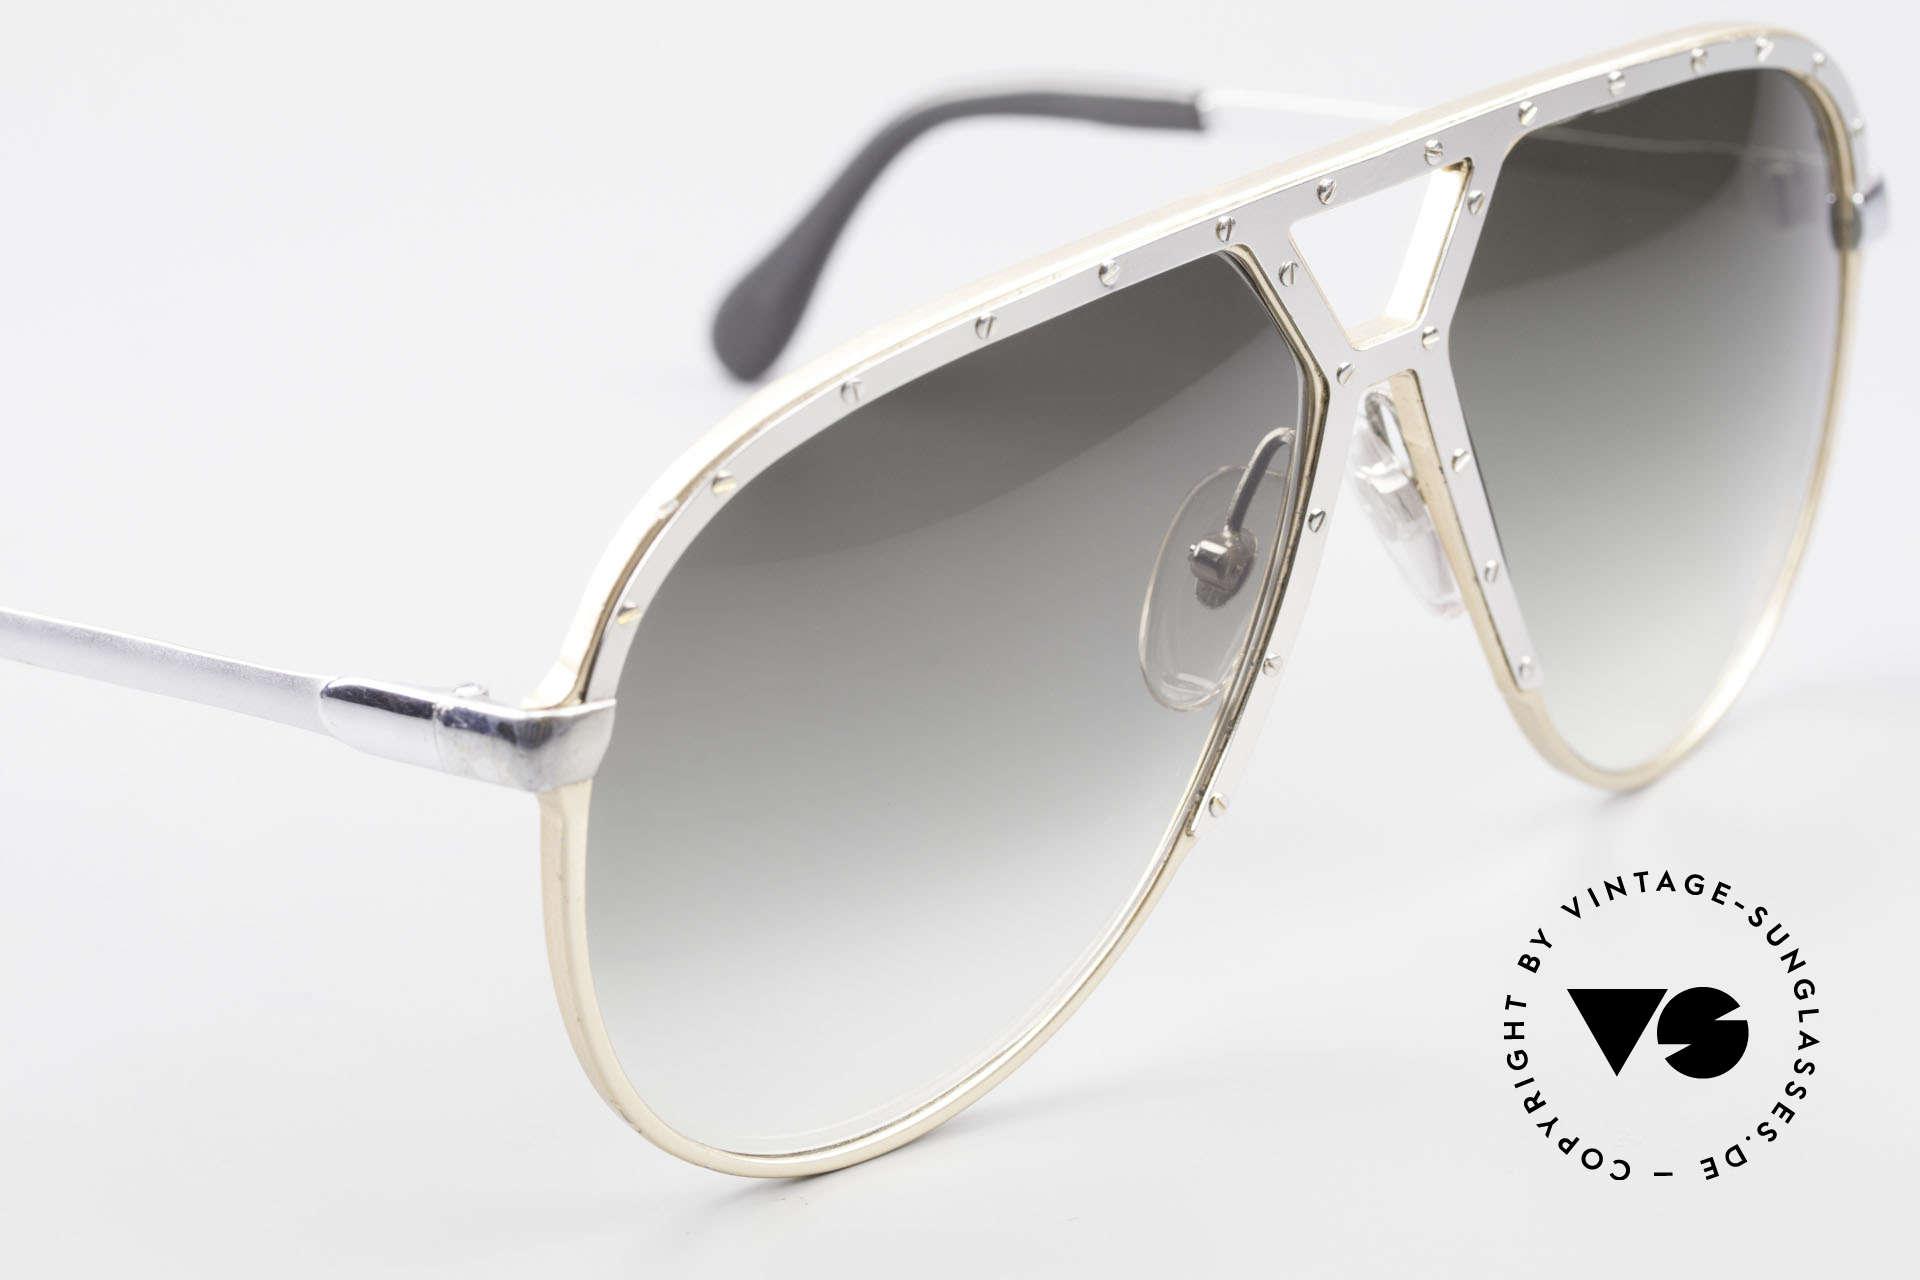 Alpina M1 Erste 80er Generation Brille, ungetragenes Exemplar (absolutes Sammlerstück), Passend für Herren